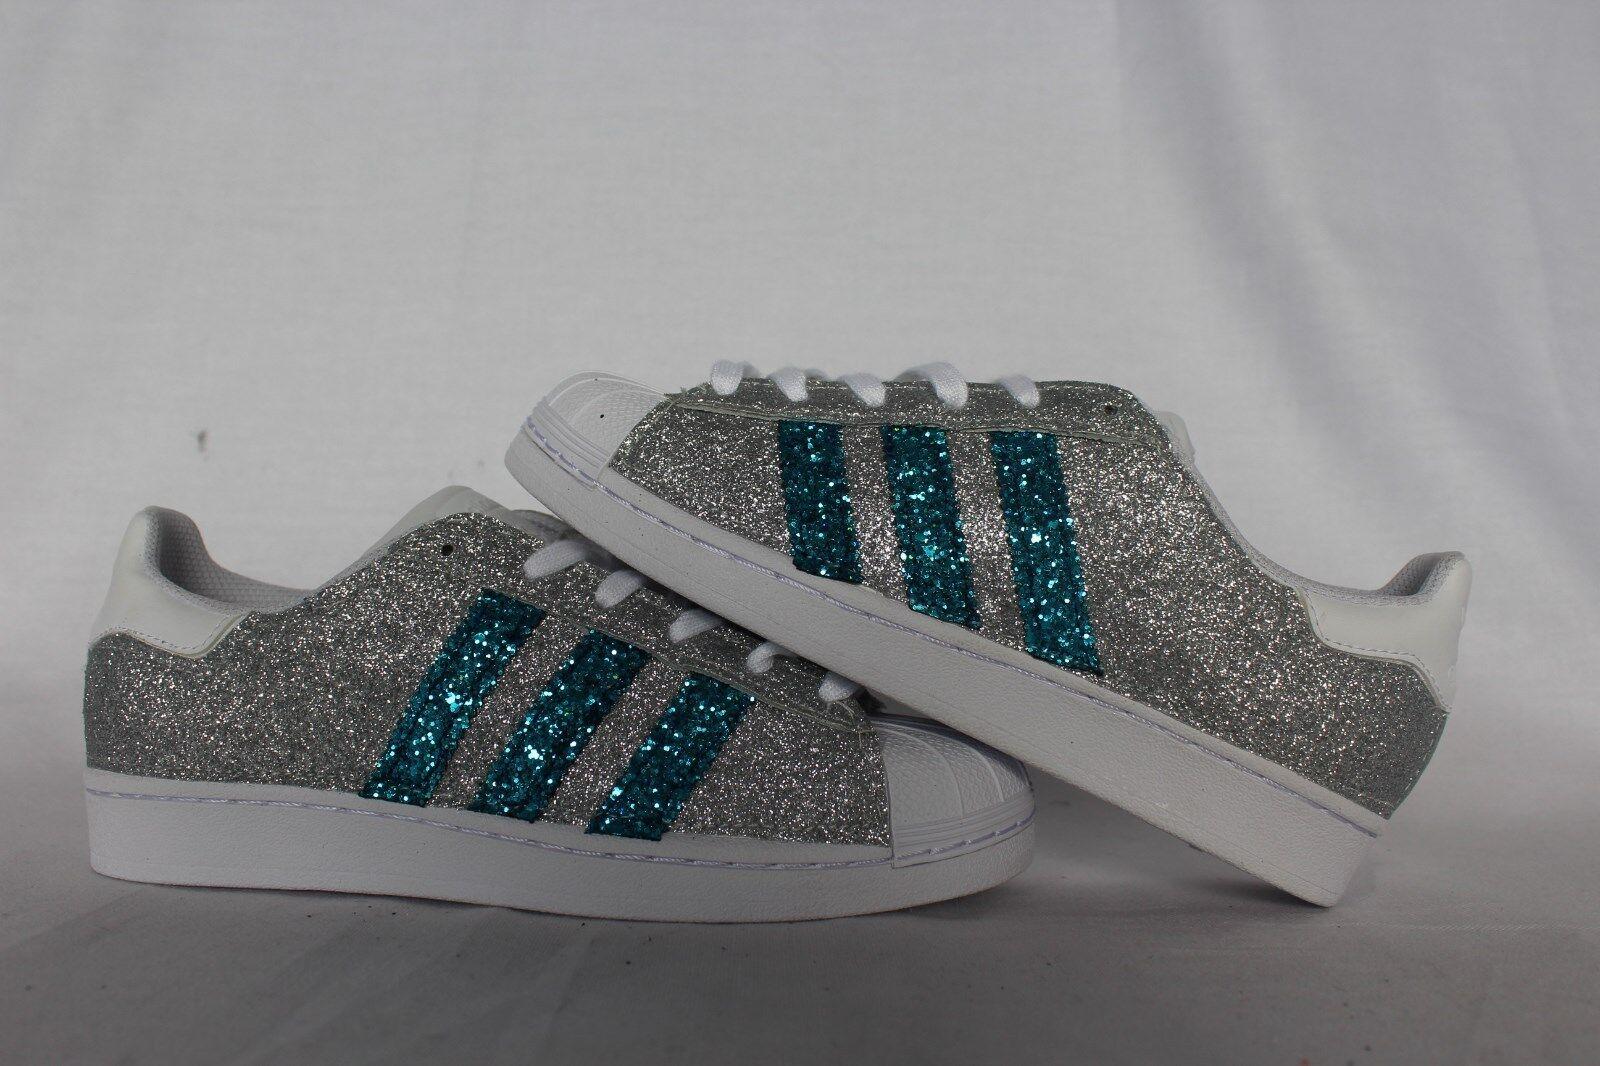 schuhe adidas super star con glitter Silber e glitter azzurro acqua